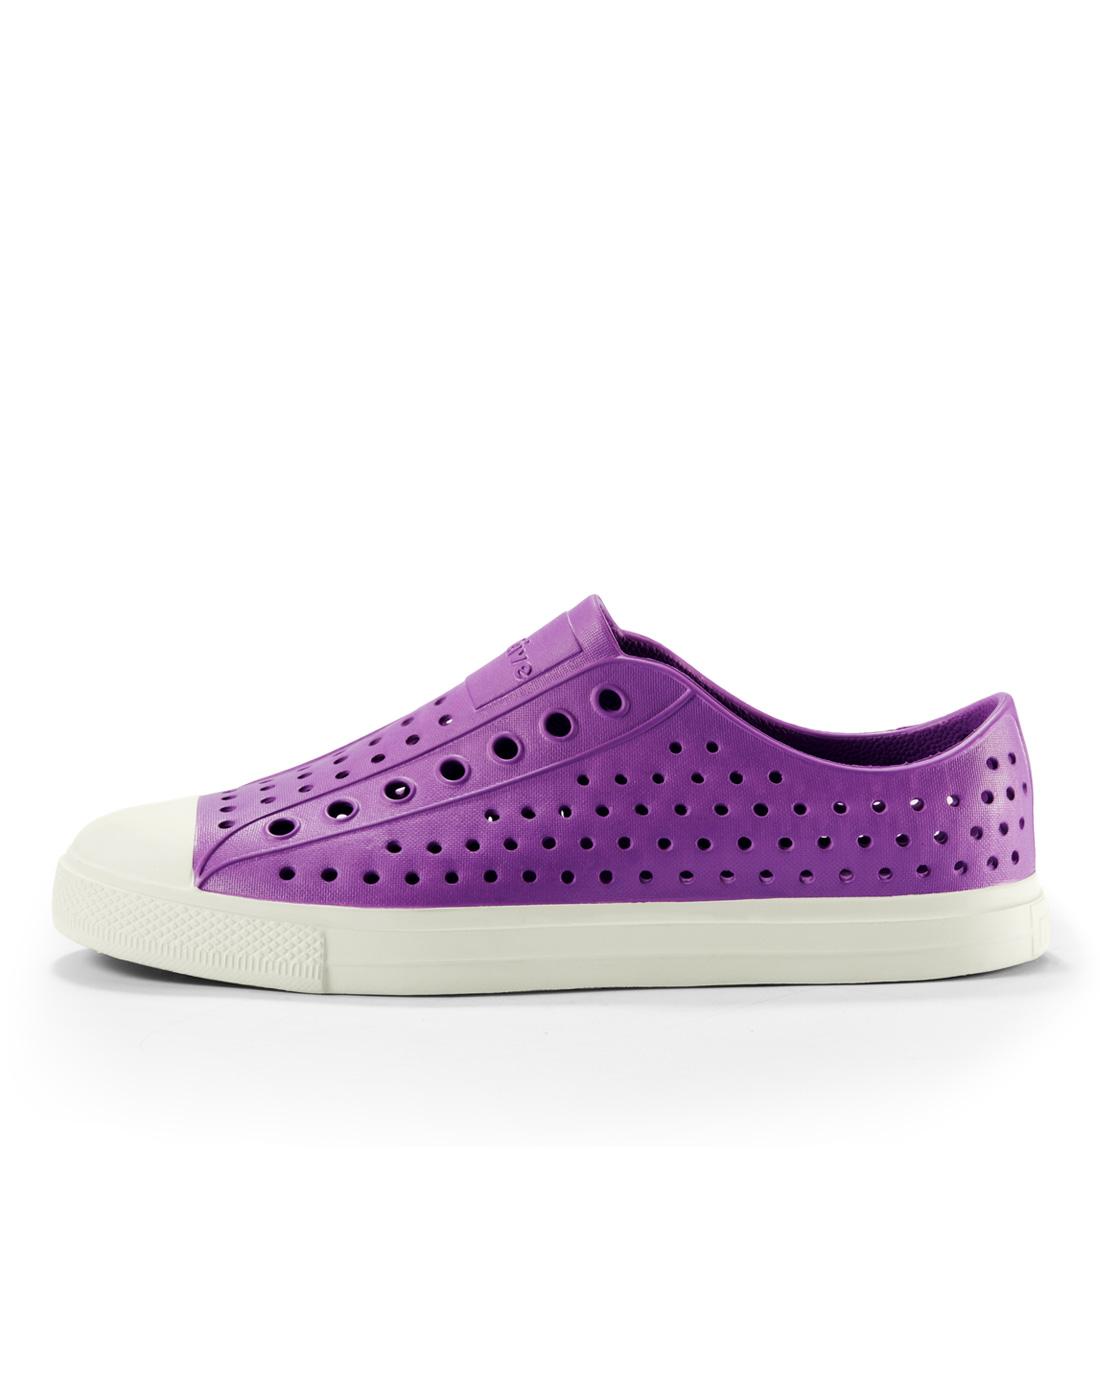 native鞋子专场国际品牌native